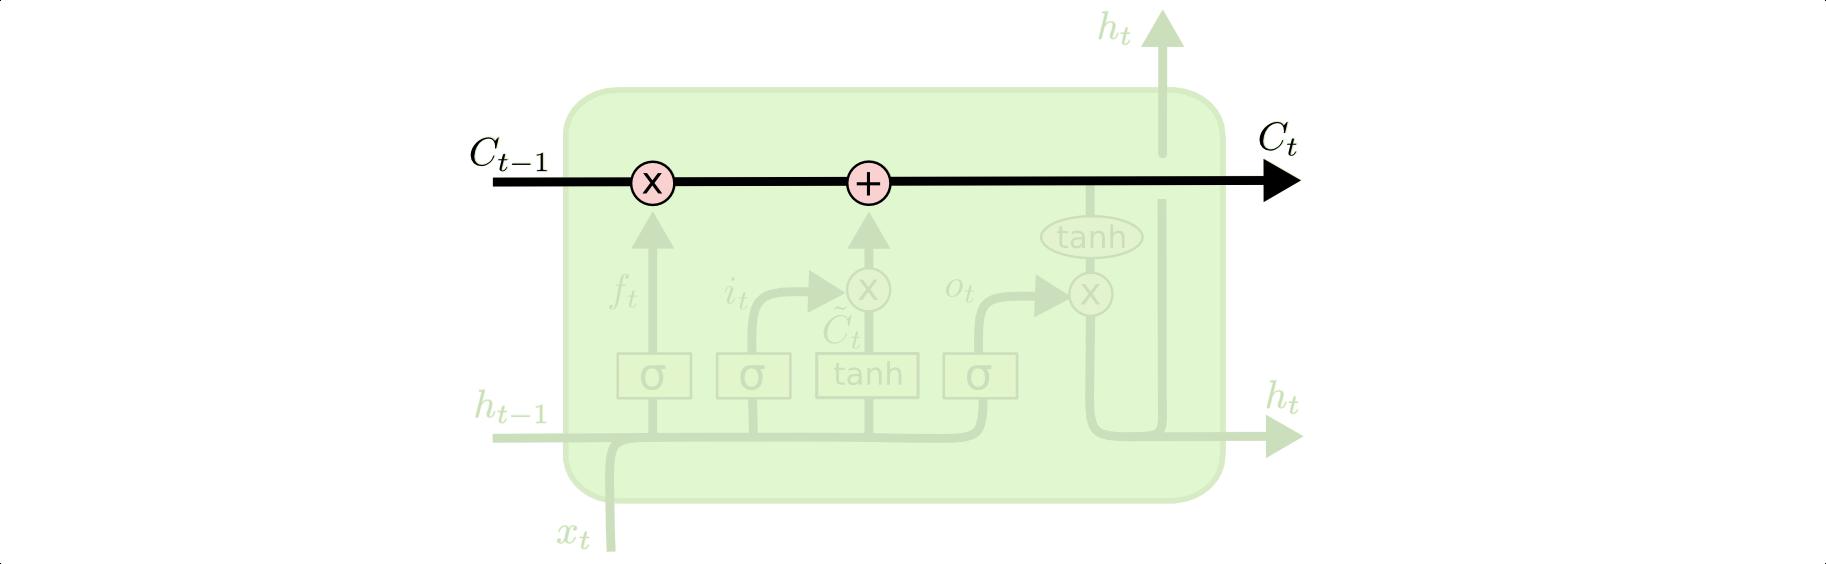 LSTM – сети долгой краткосрочной памяти - 12